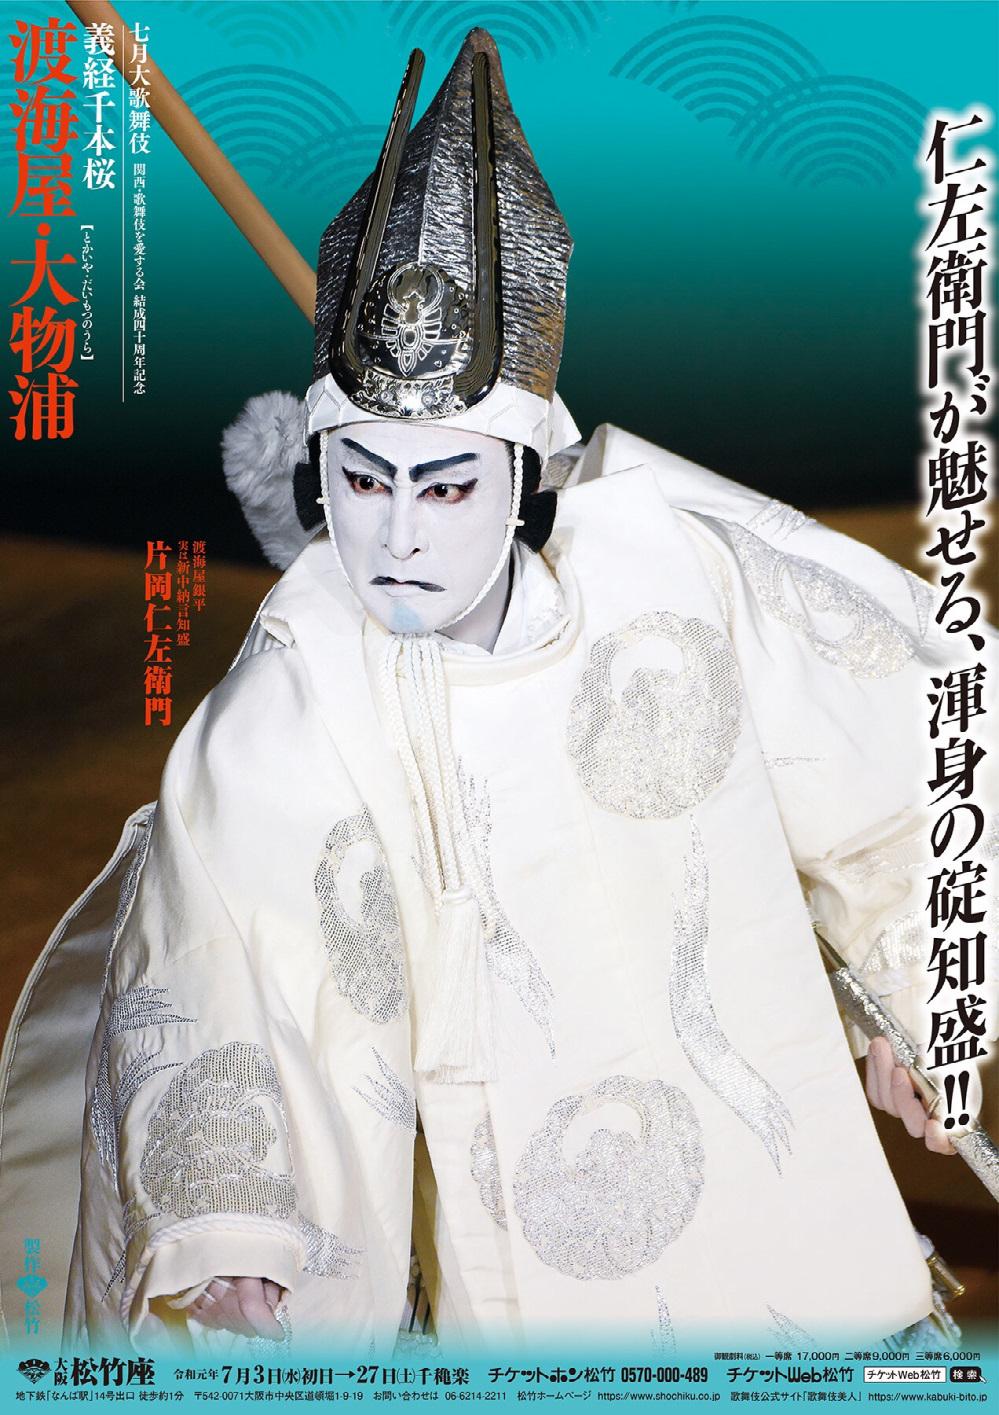 仁左衛門が語る、大阪松竹座「七月大歌舞伎」